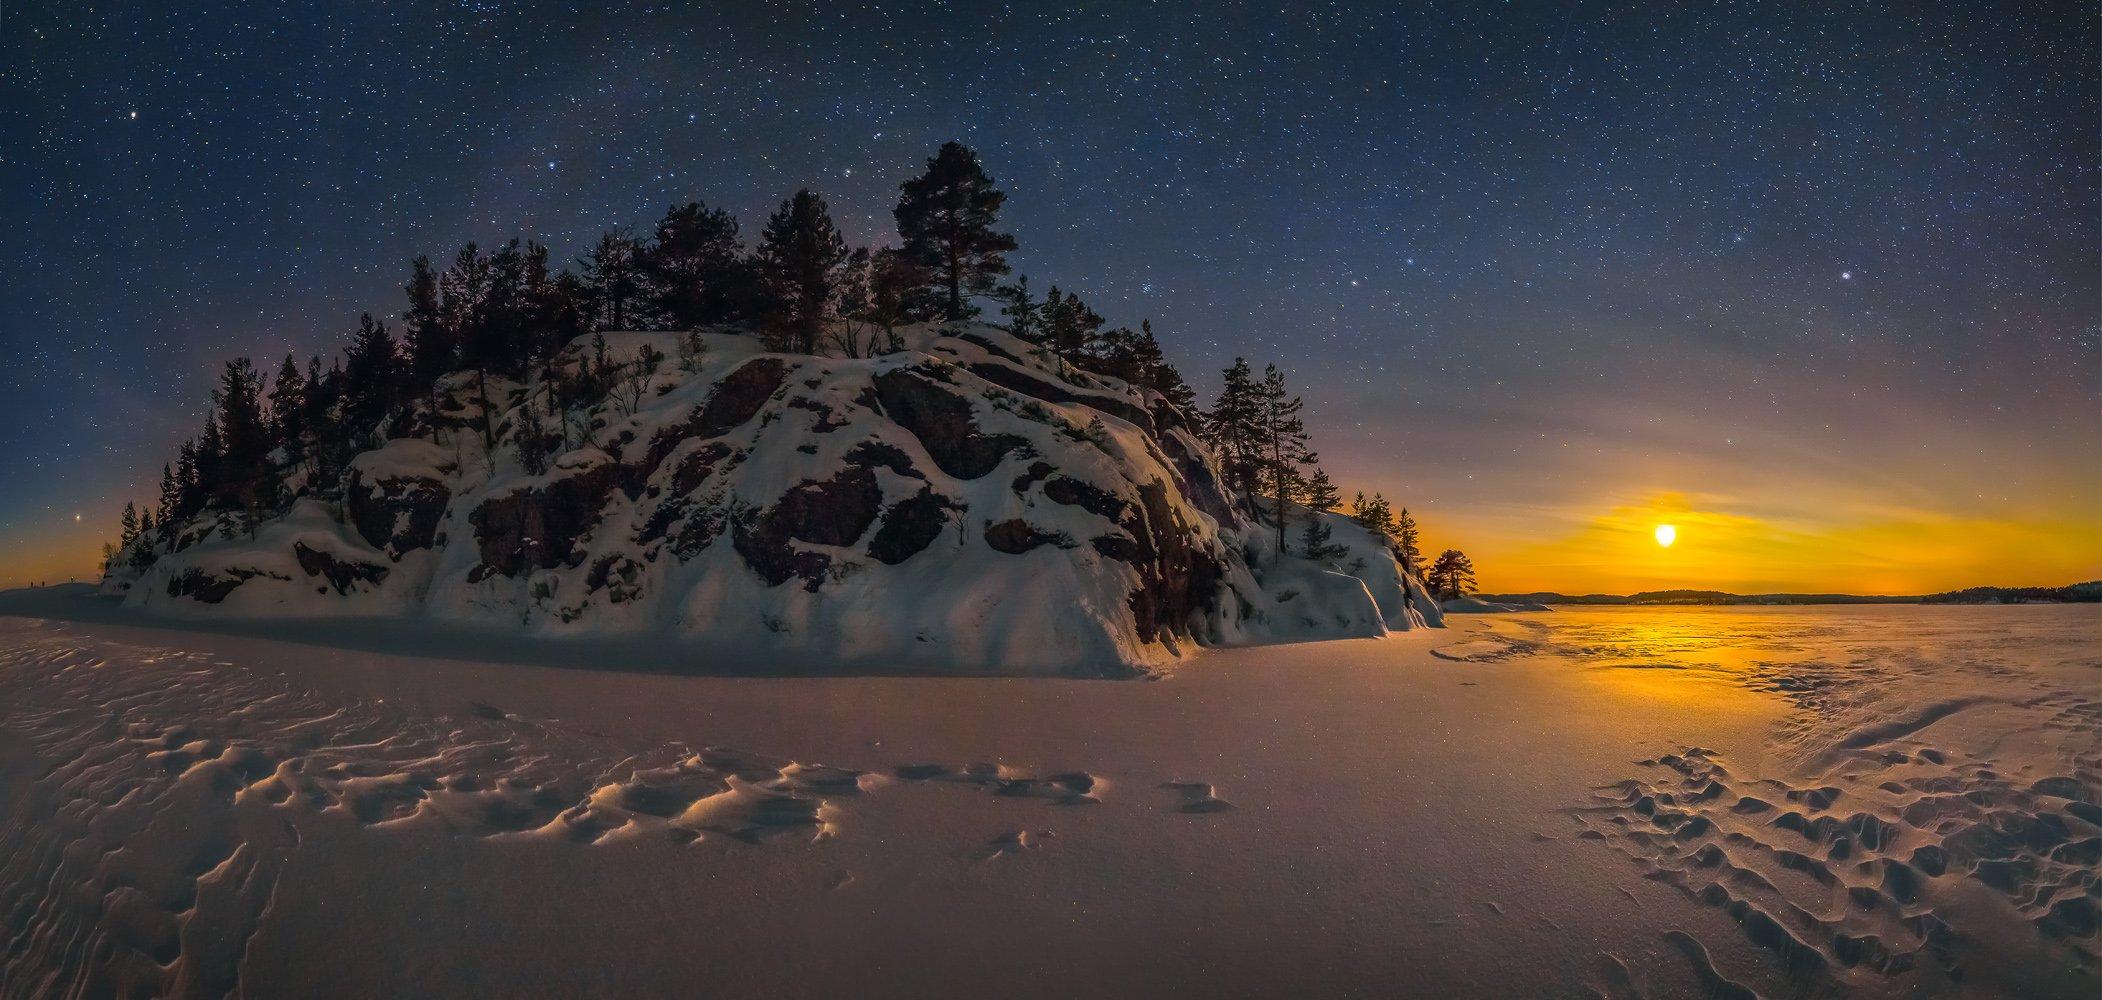 ладожское озеро, карелия, остров, снег, фототур, шхеры, ночь, звёзды, луна, север, сосна, облака., Лашков Фёдор